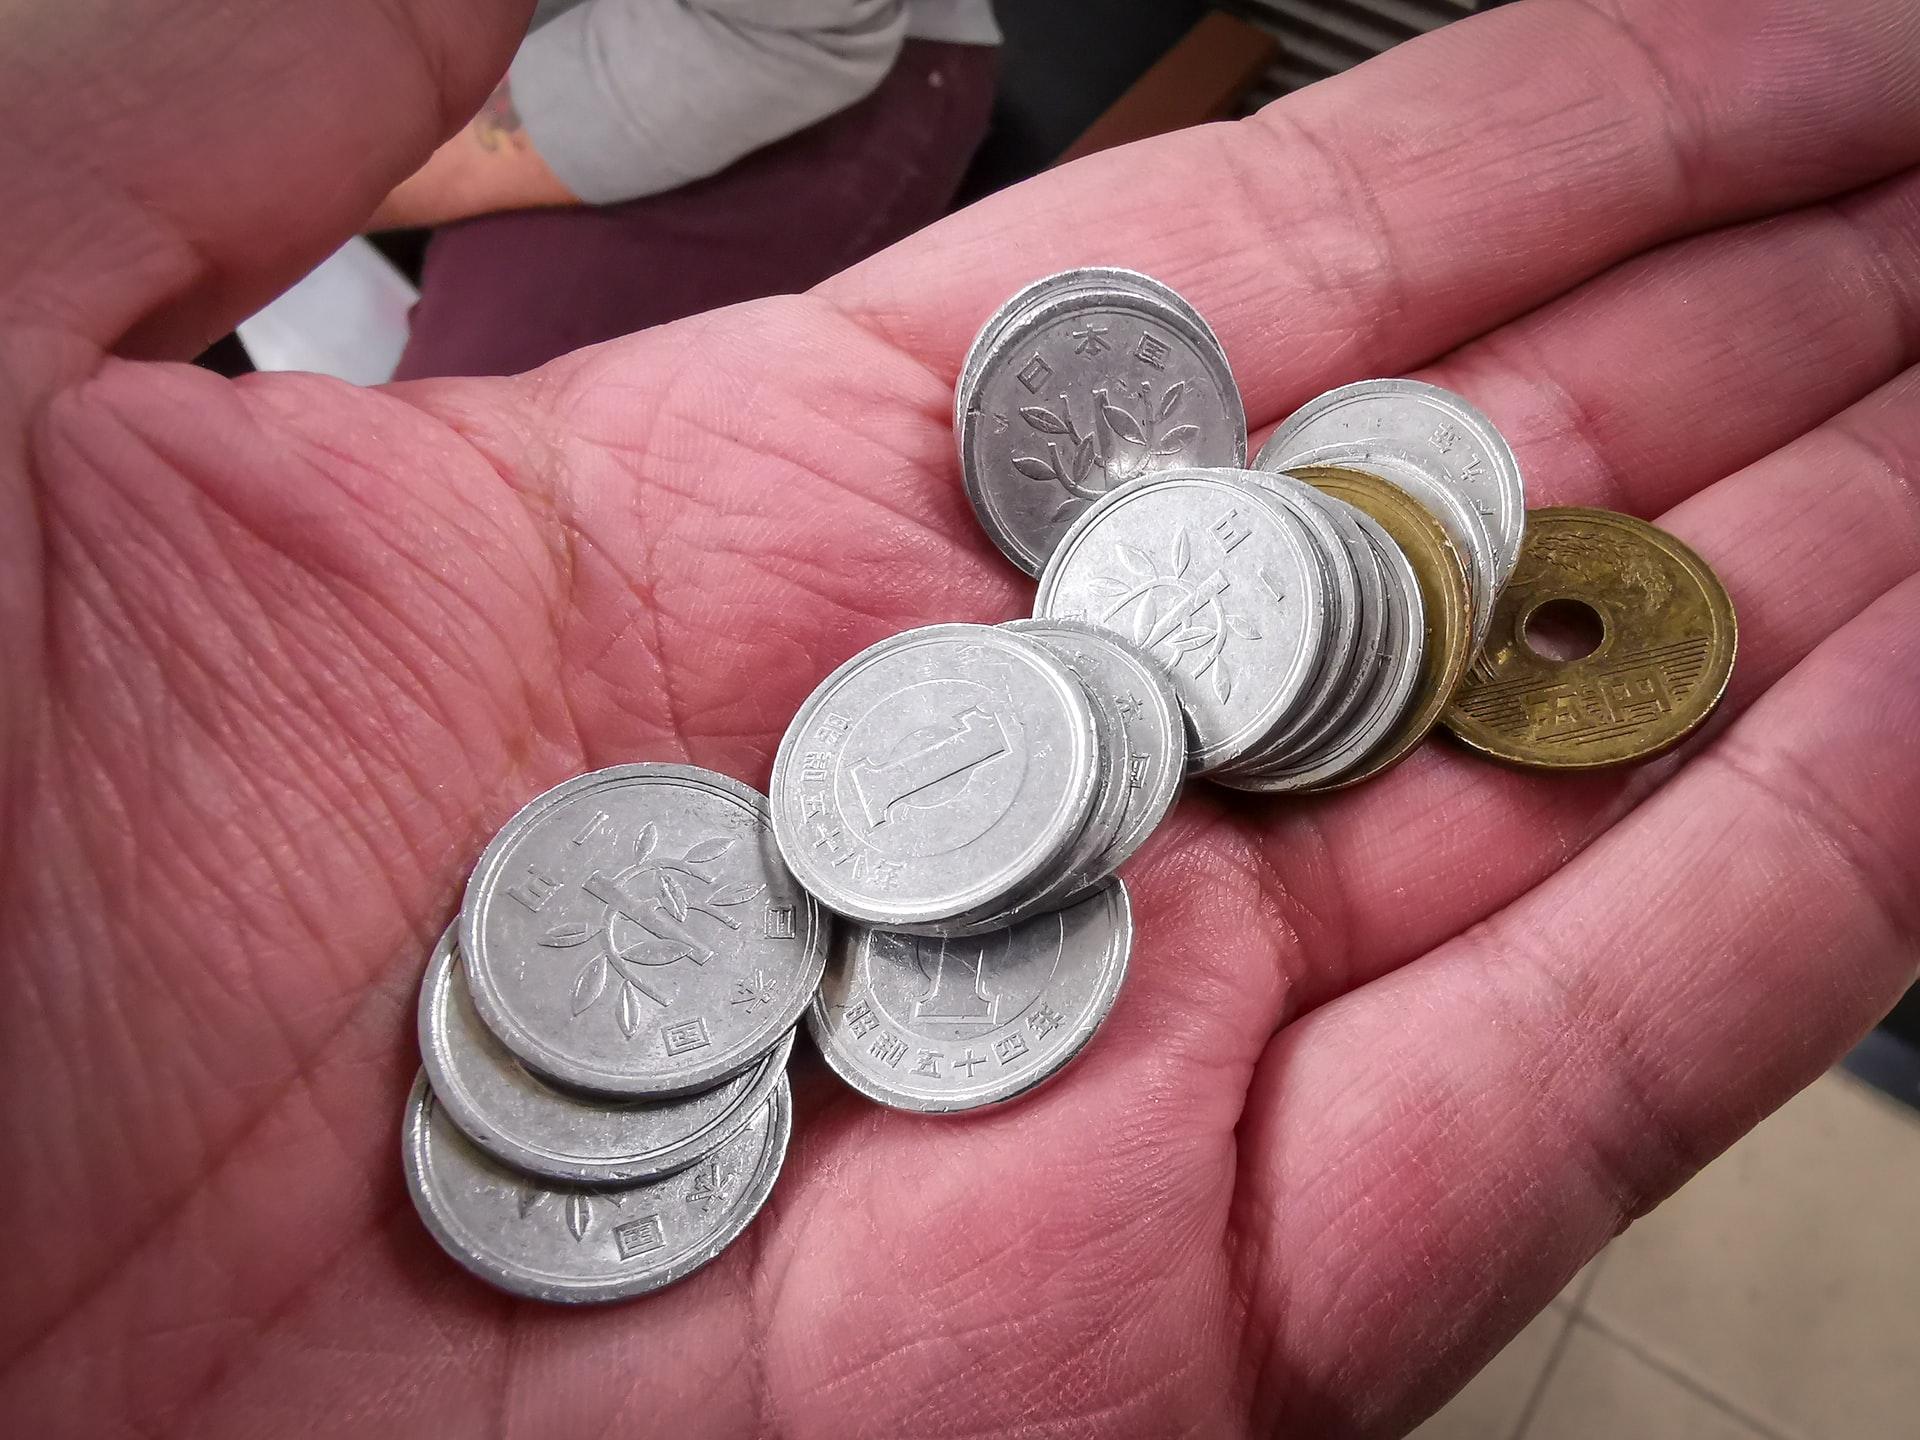 小銭を持つ手の平